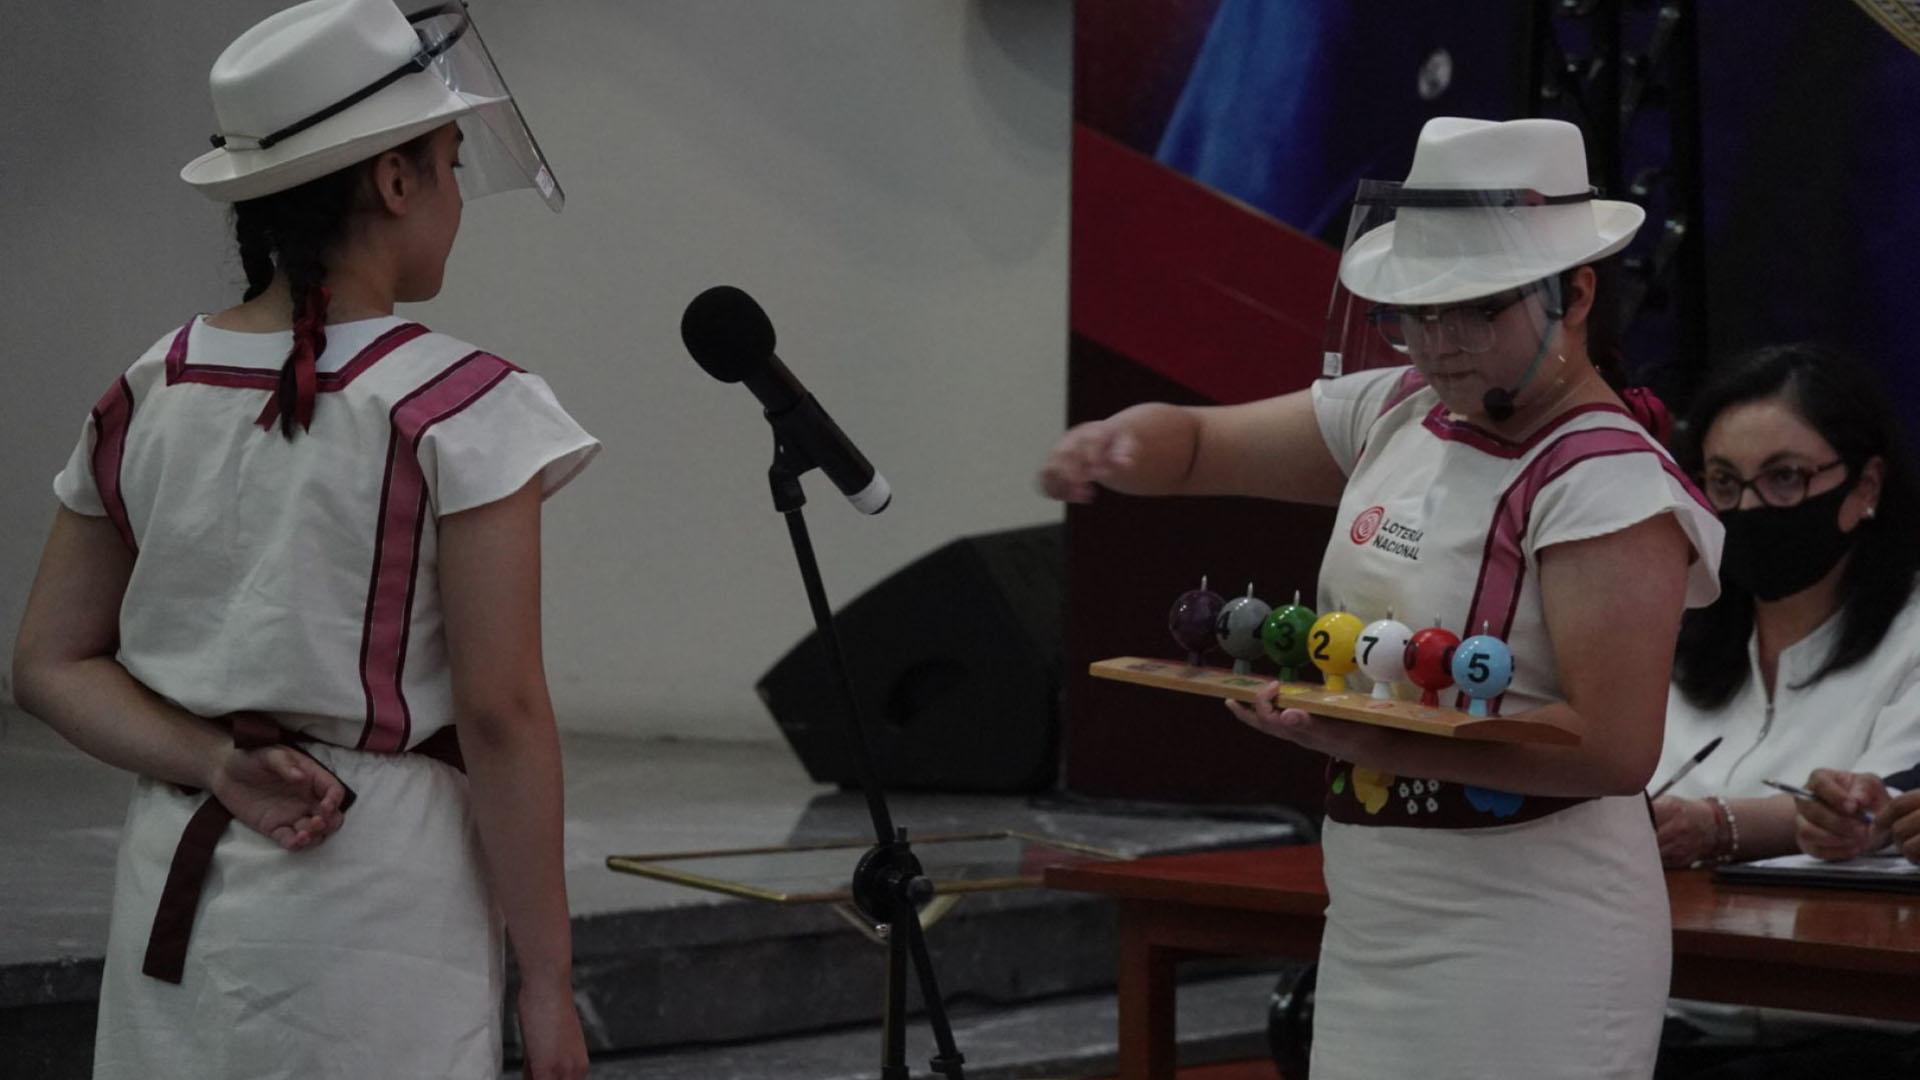 Los tradicionales niños gritones de la Lotería Nacional participaron dando los números ganadores del sorteo (Foto: Cuartoscuro)